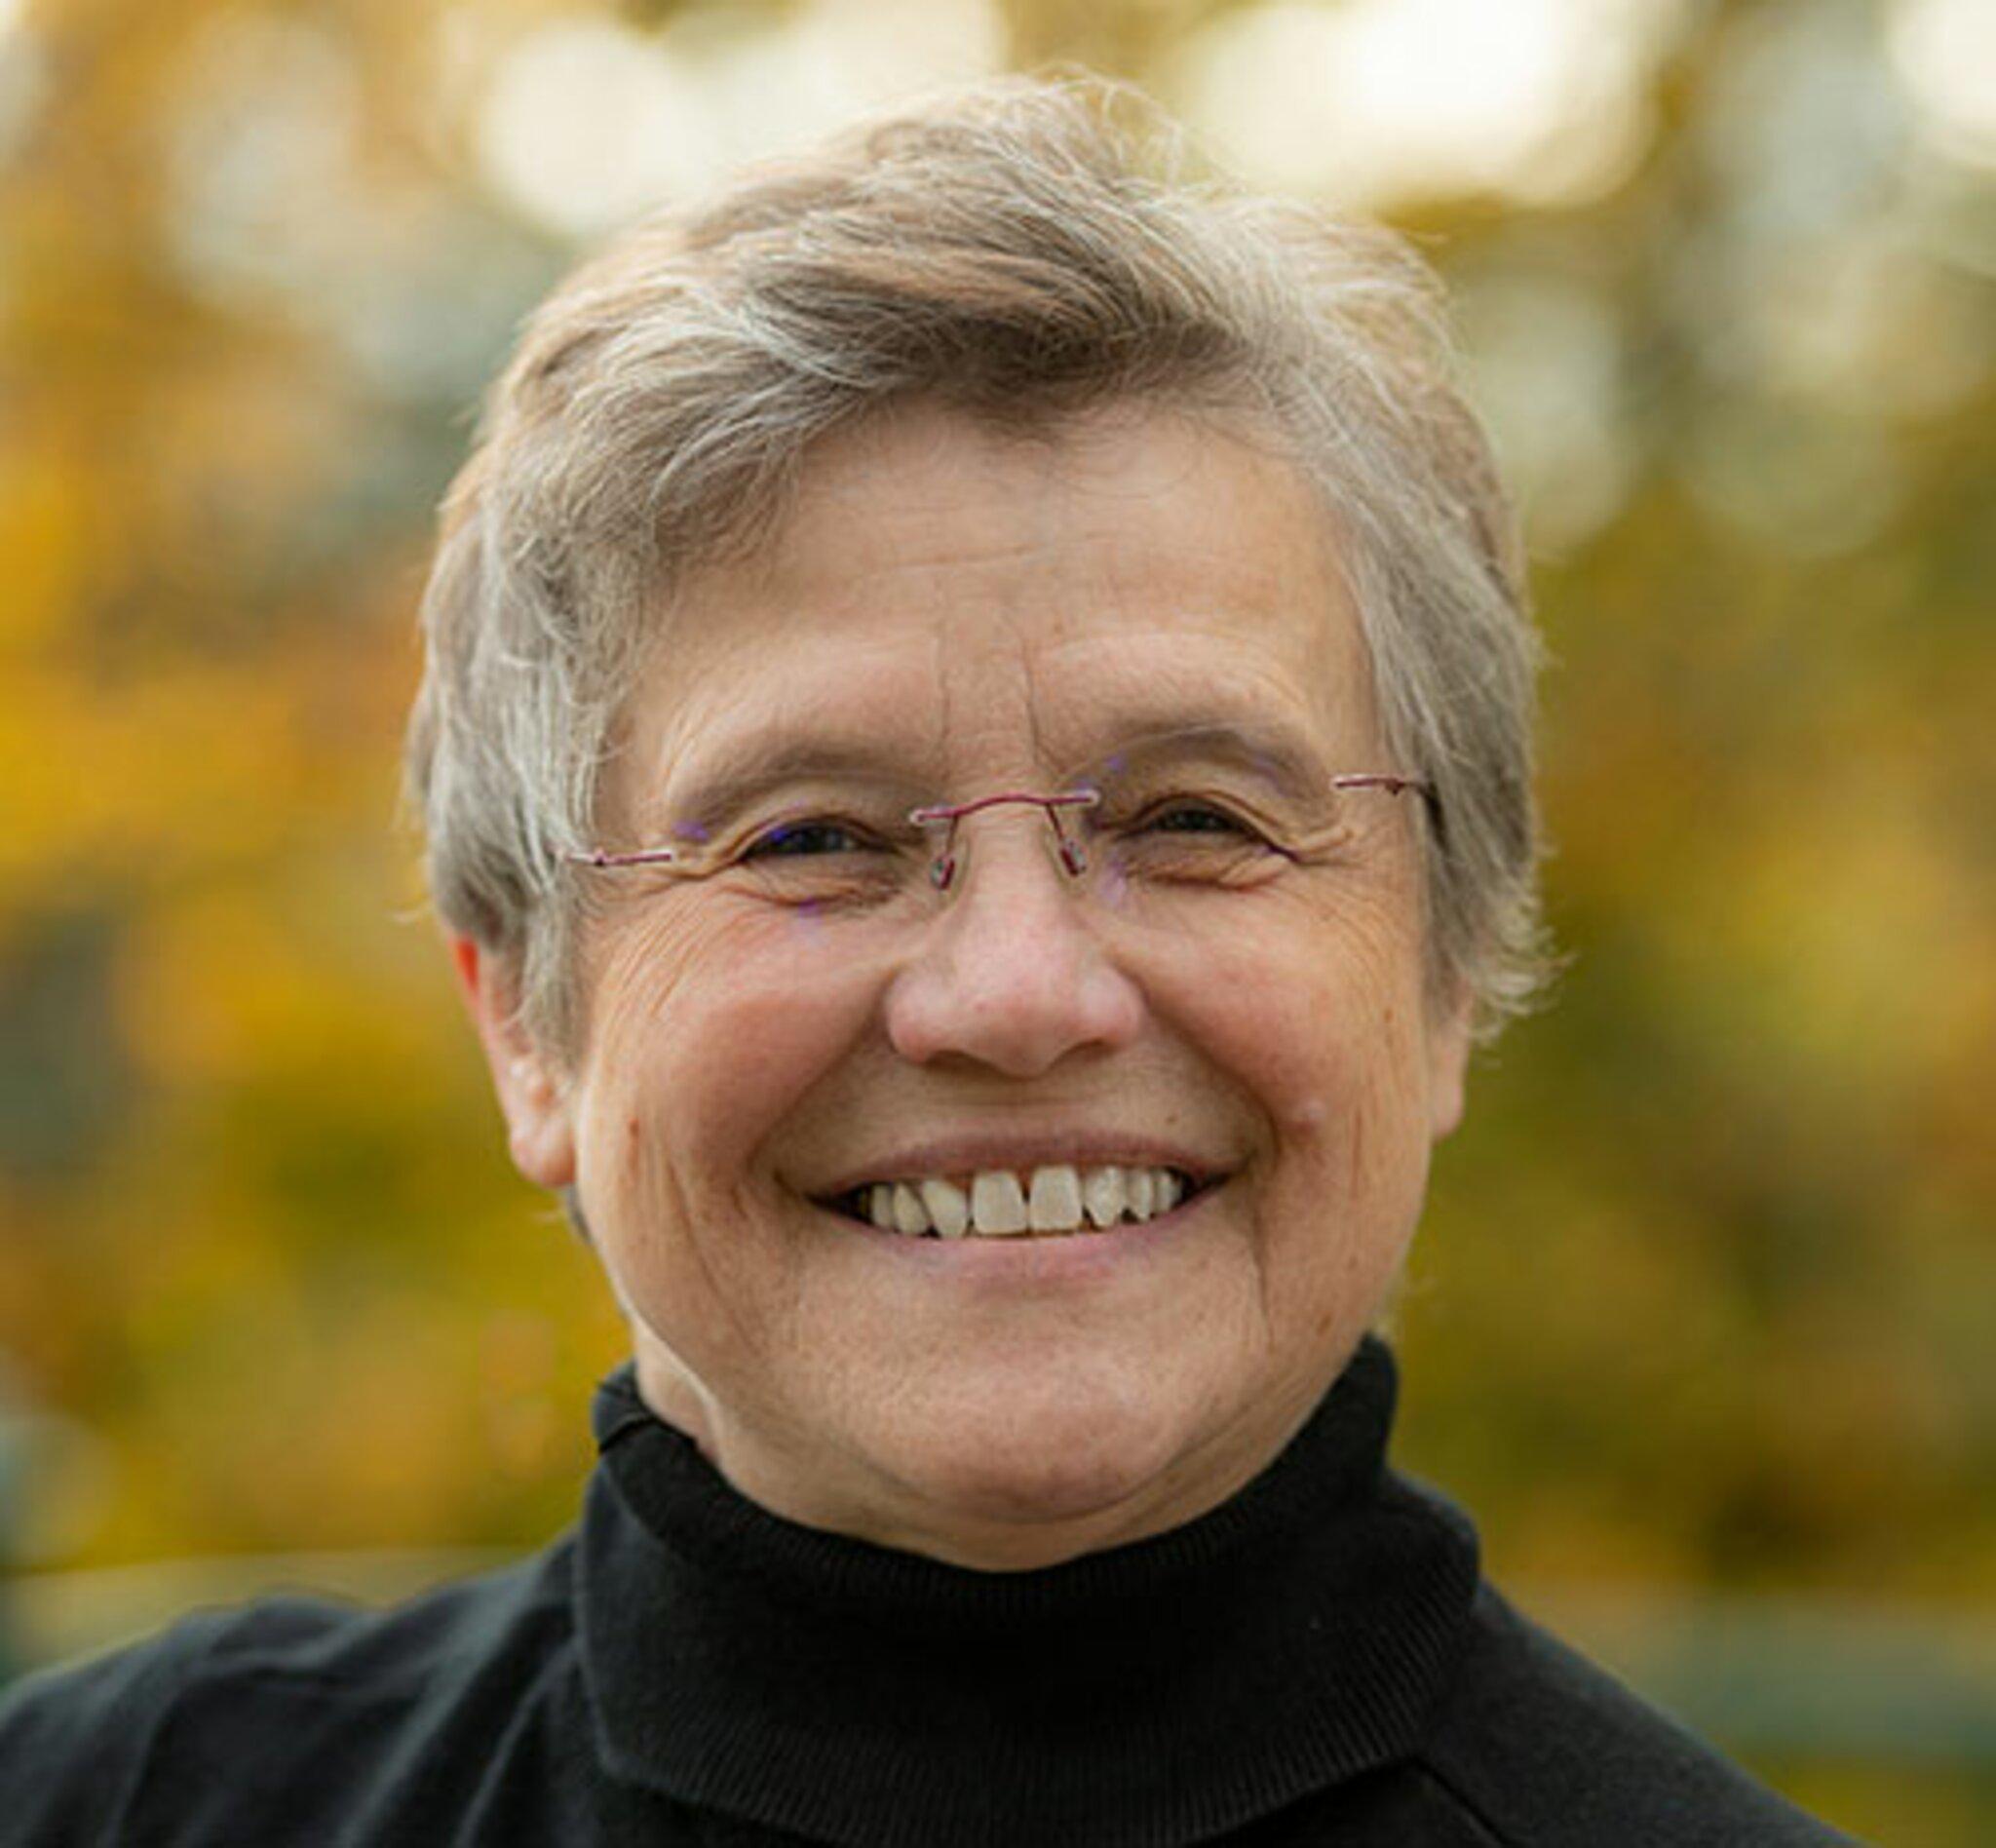 Schwester Maria Schlackl